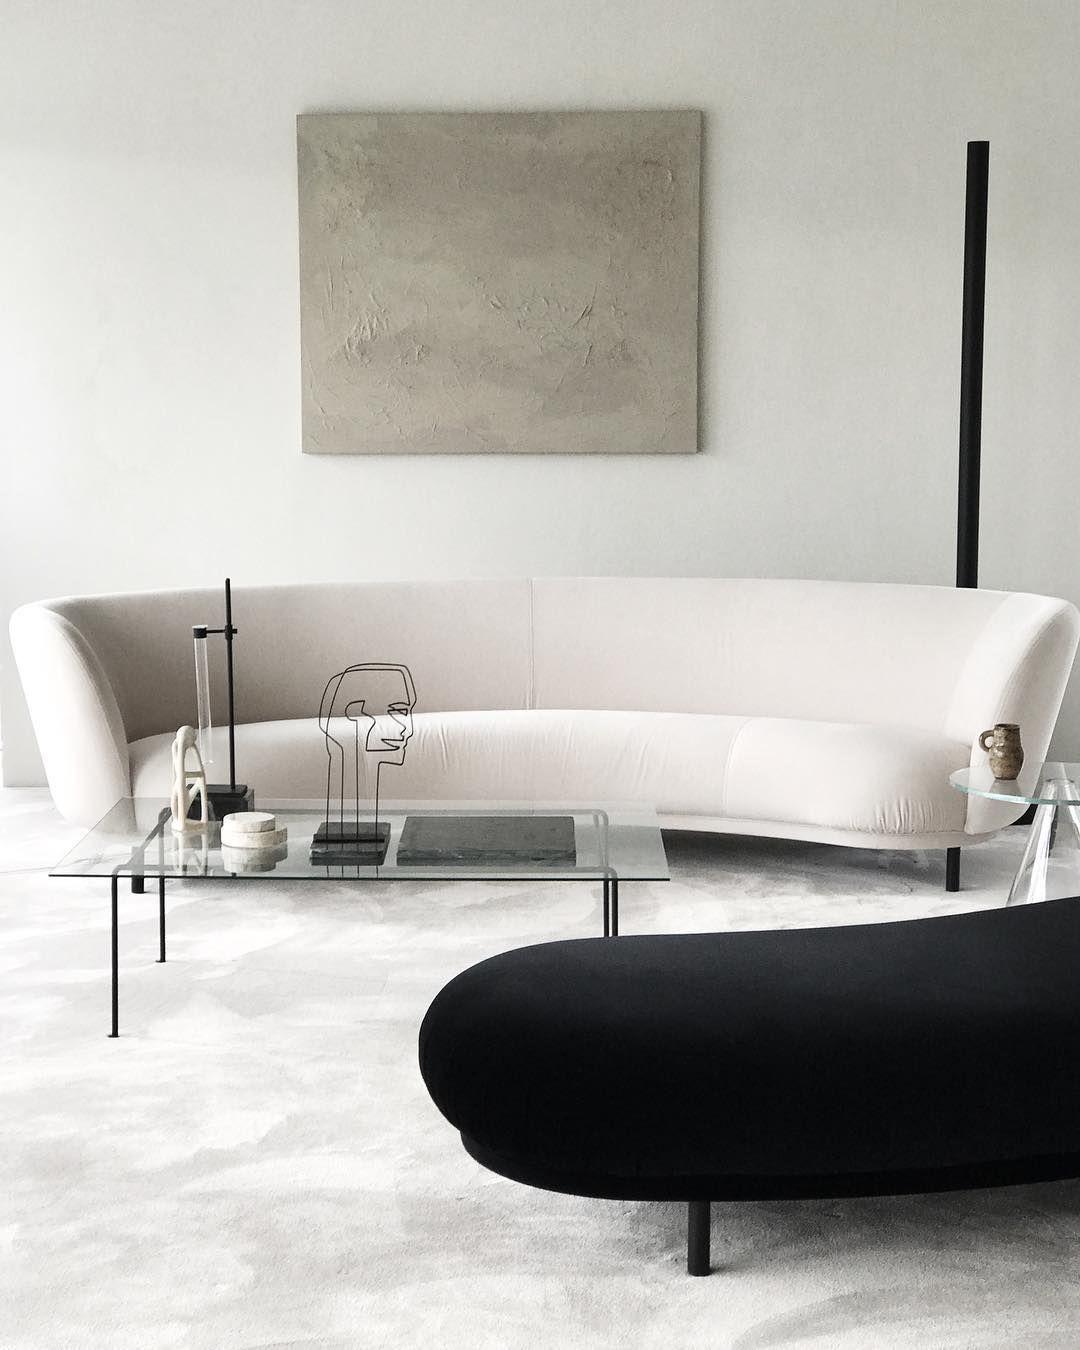 Balancing act - sculptural sofa